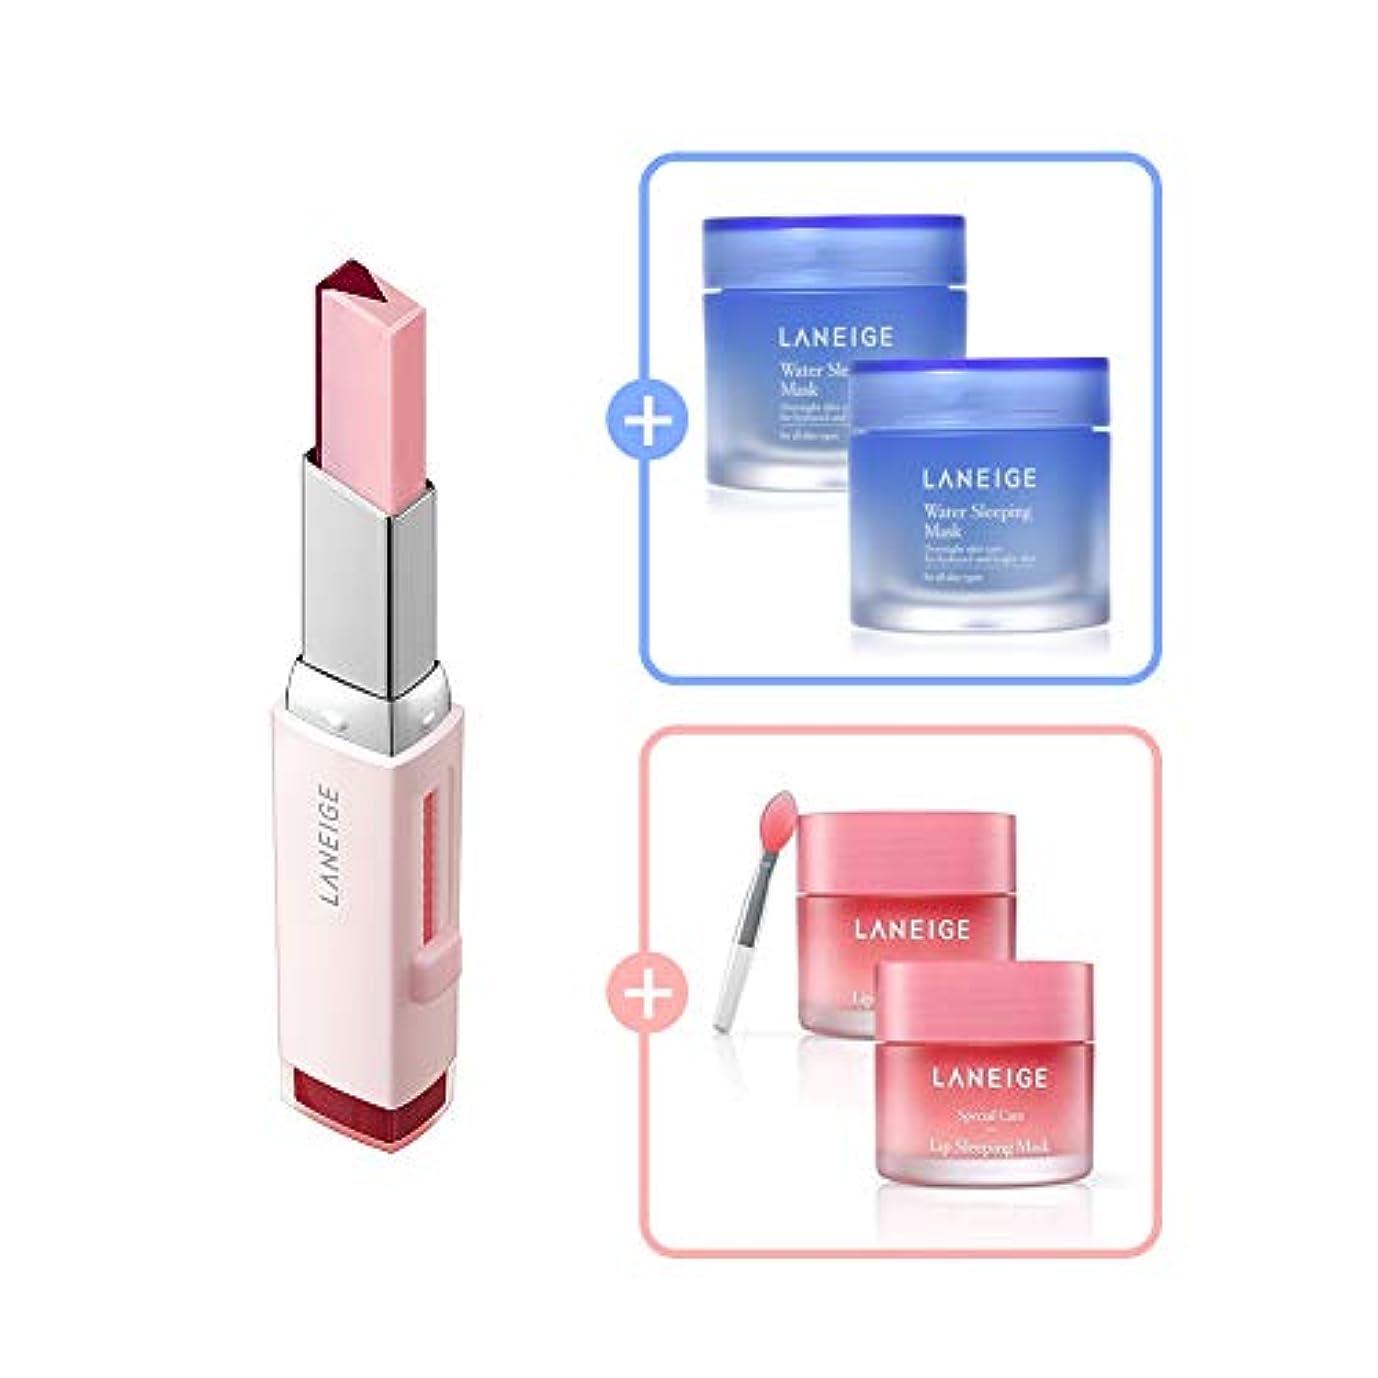 グレーウォーターフロントコントラストTwo Tone Tint Lip Bar 2g (No.8 Cherry Milk)/ツートーン ティント バー 2g (No.8 チェリー ミルク) [数量限定!人気商品のサンプルプレゼント!]